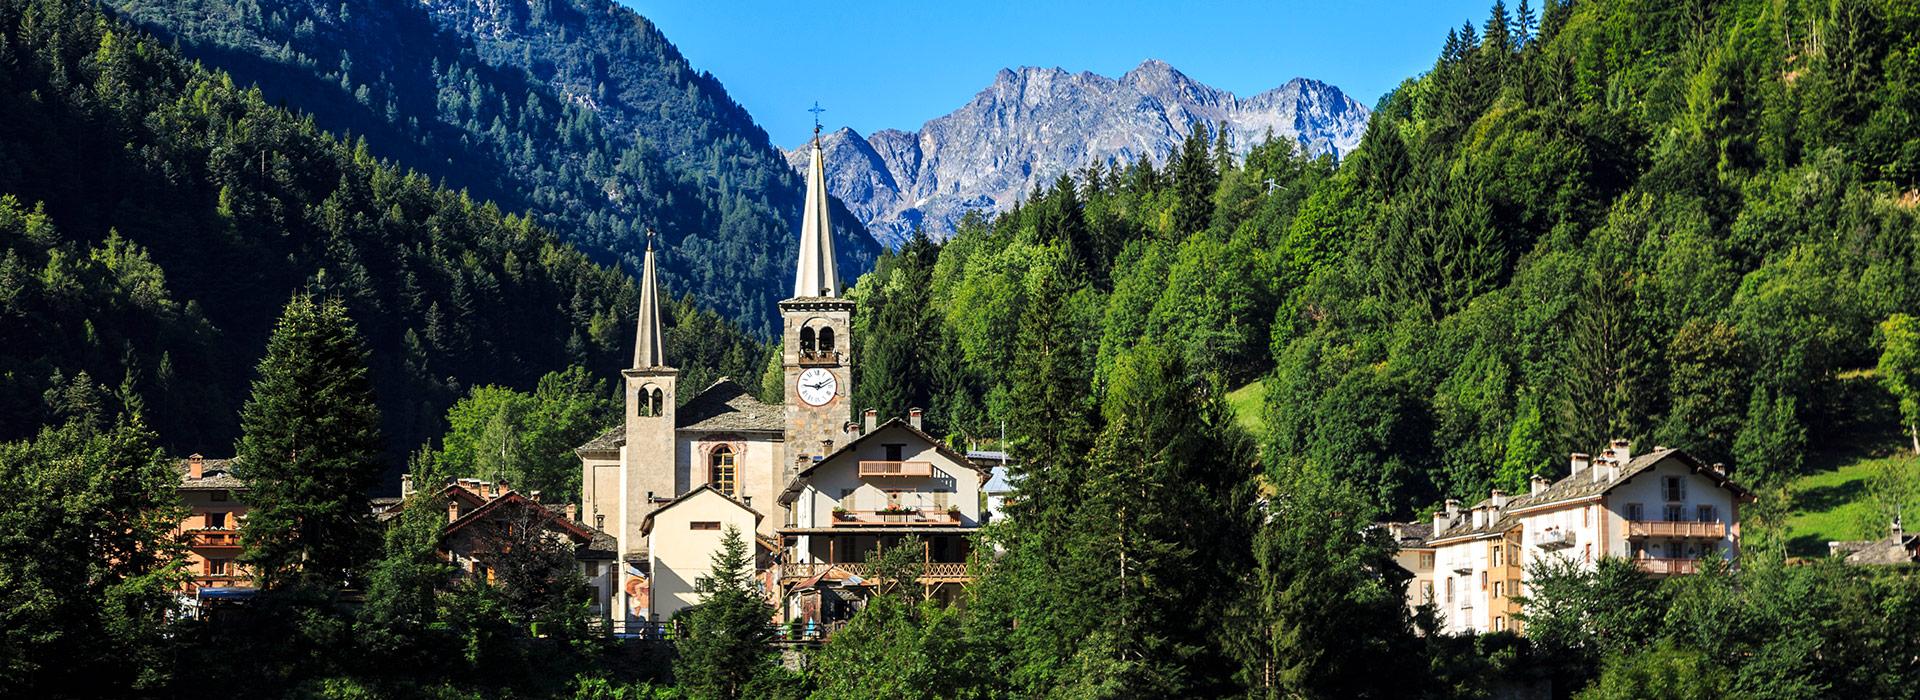 Riva Valdobbia, storico Comune, oggi frazione di Alagna Valsesia